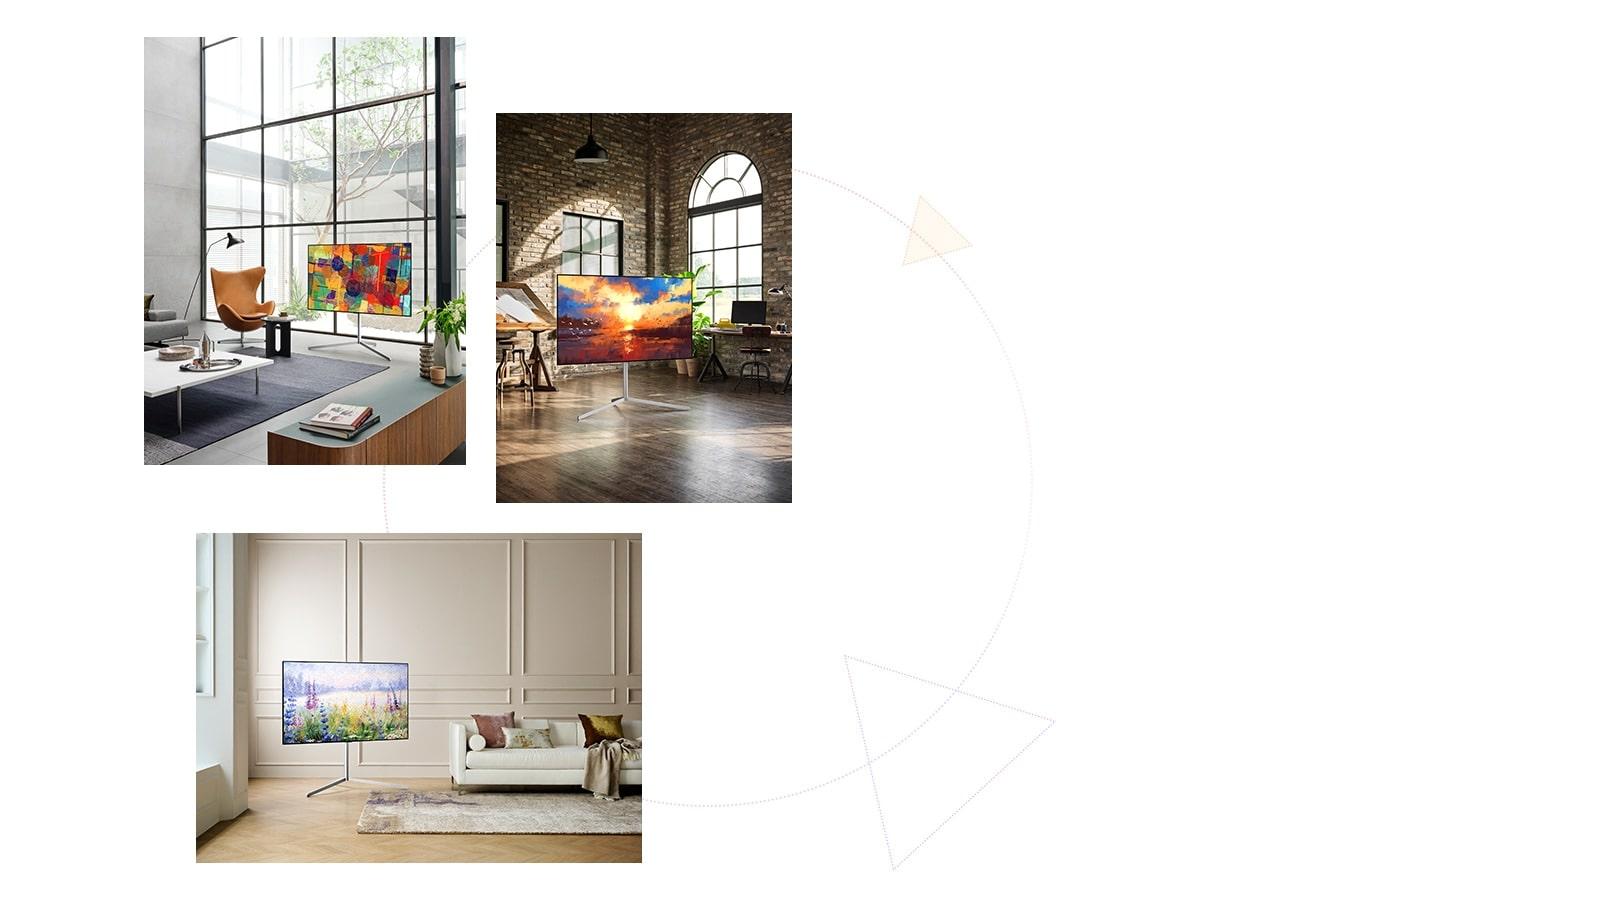 Три телевизора Gallery Design, установленные на подставке, выглядят как произведения искусства в любом месте